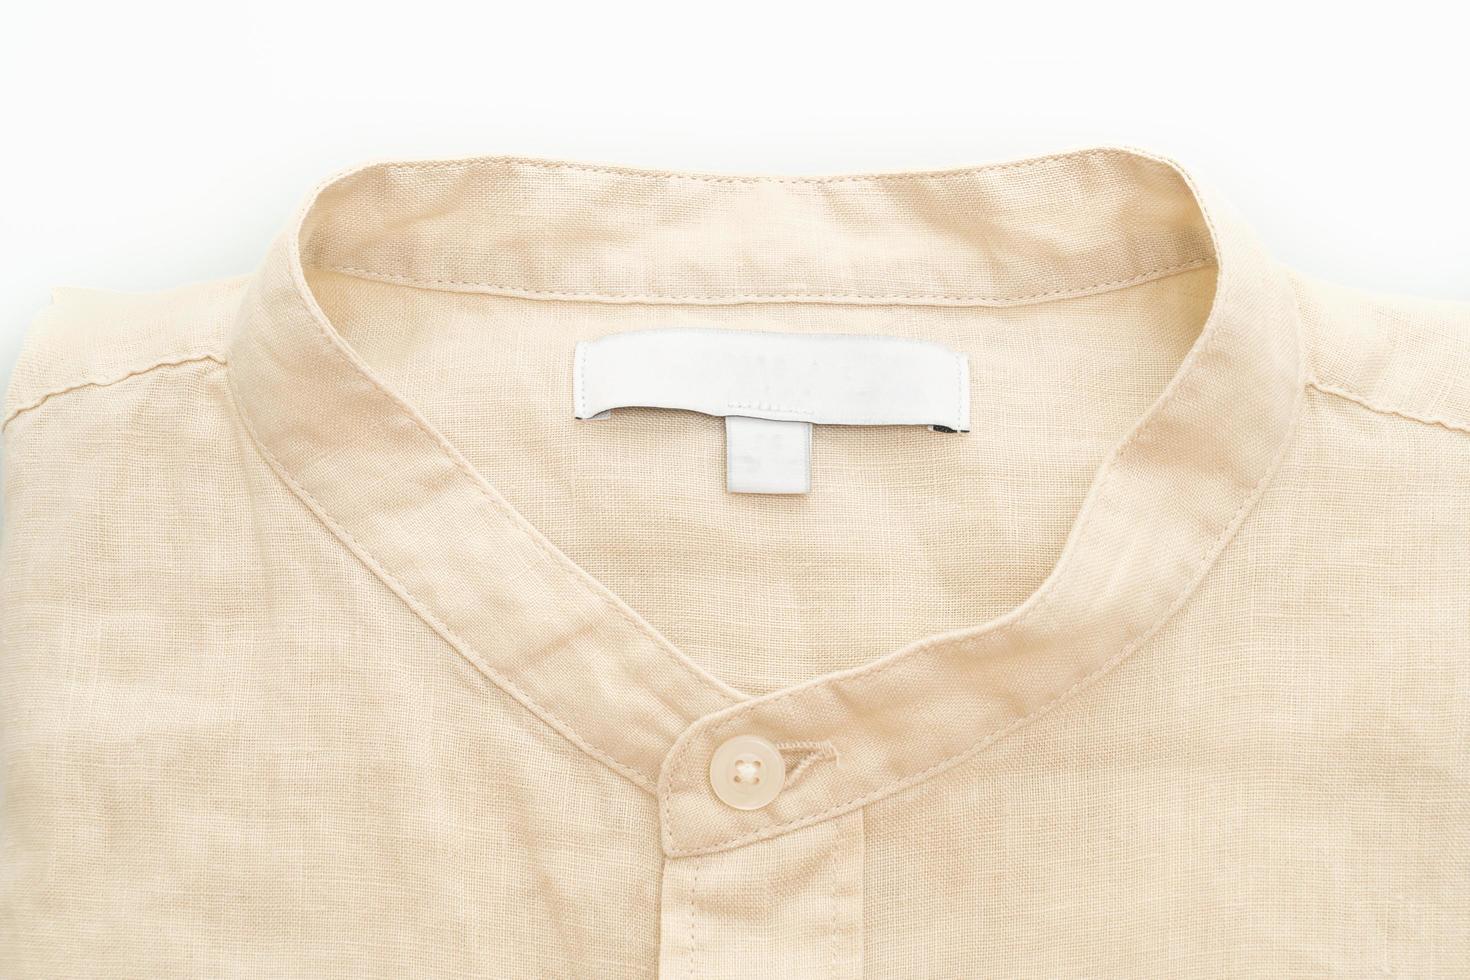 beige overhemd gevouwen geïsoleerd op een witte achtergrond foto